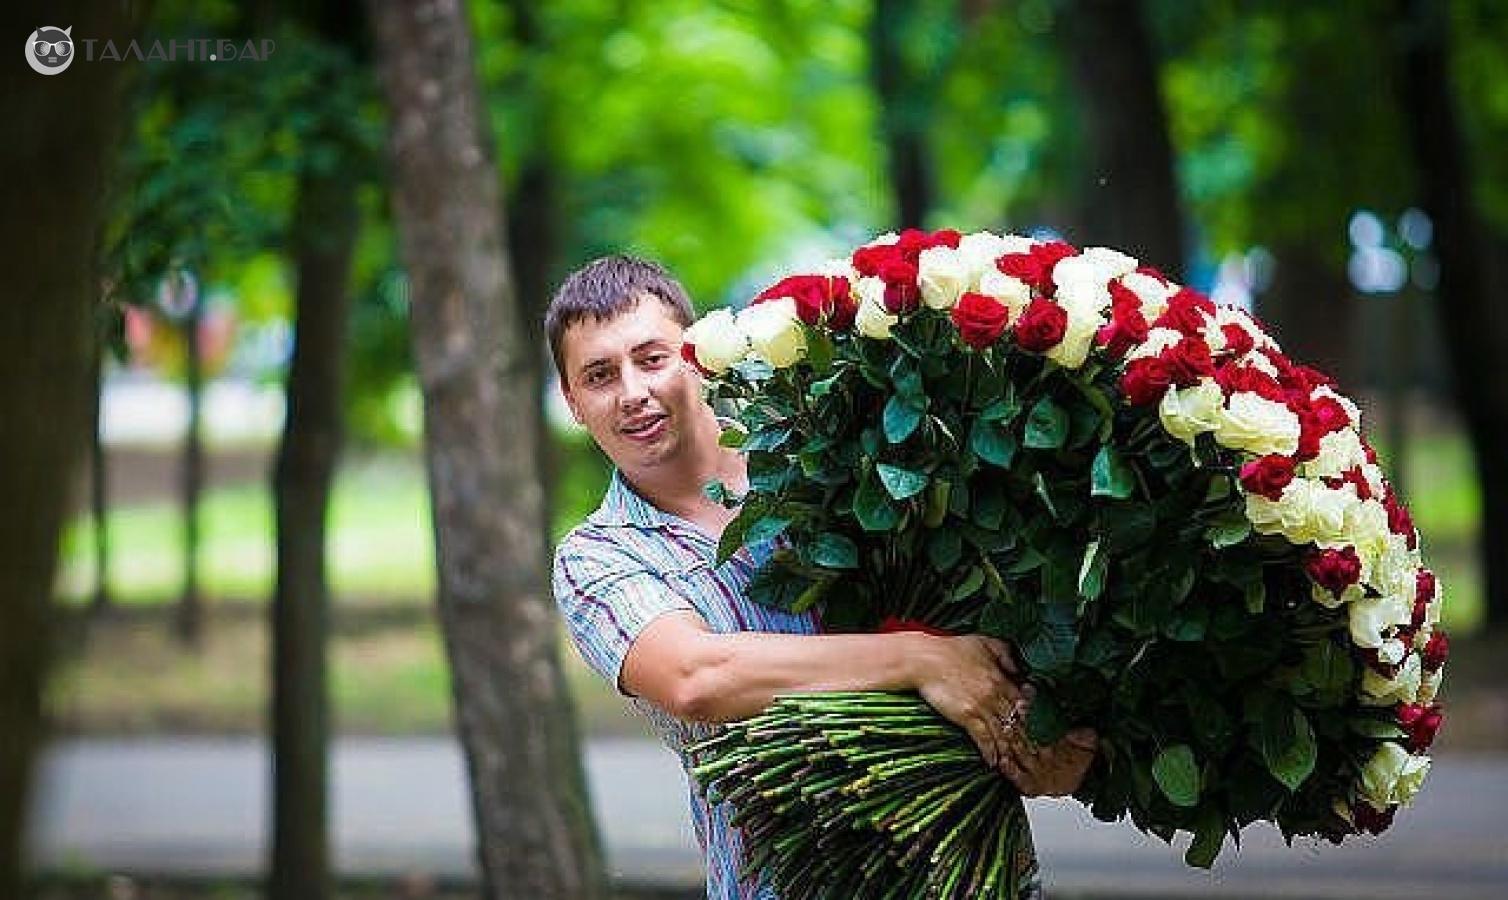 Фото мужчина дарит букет цветов